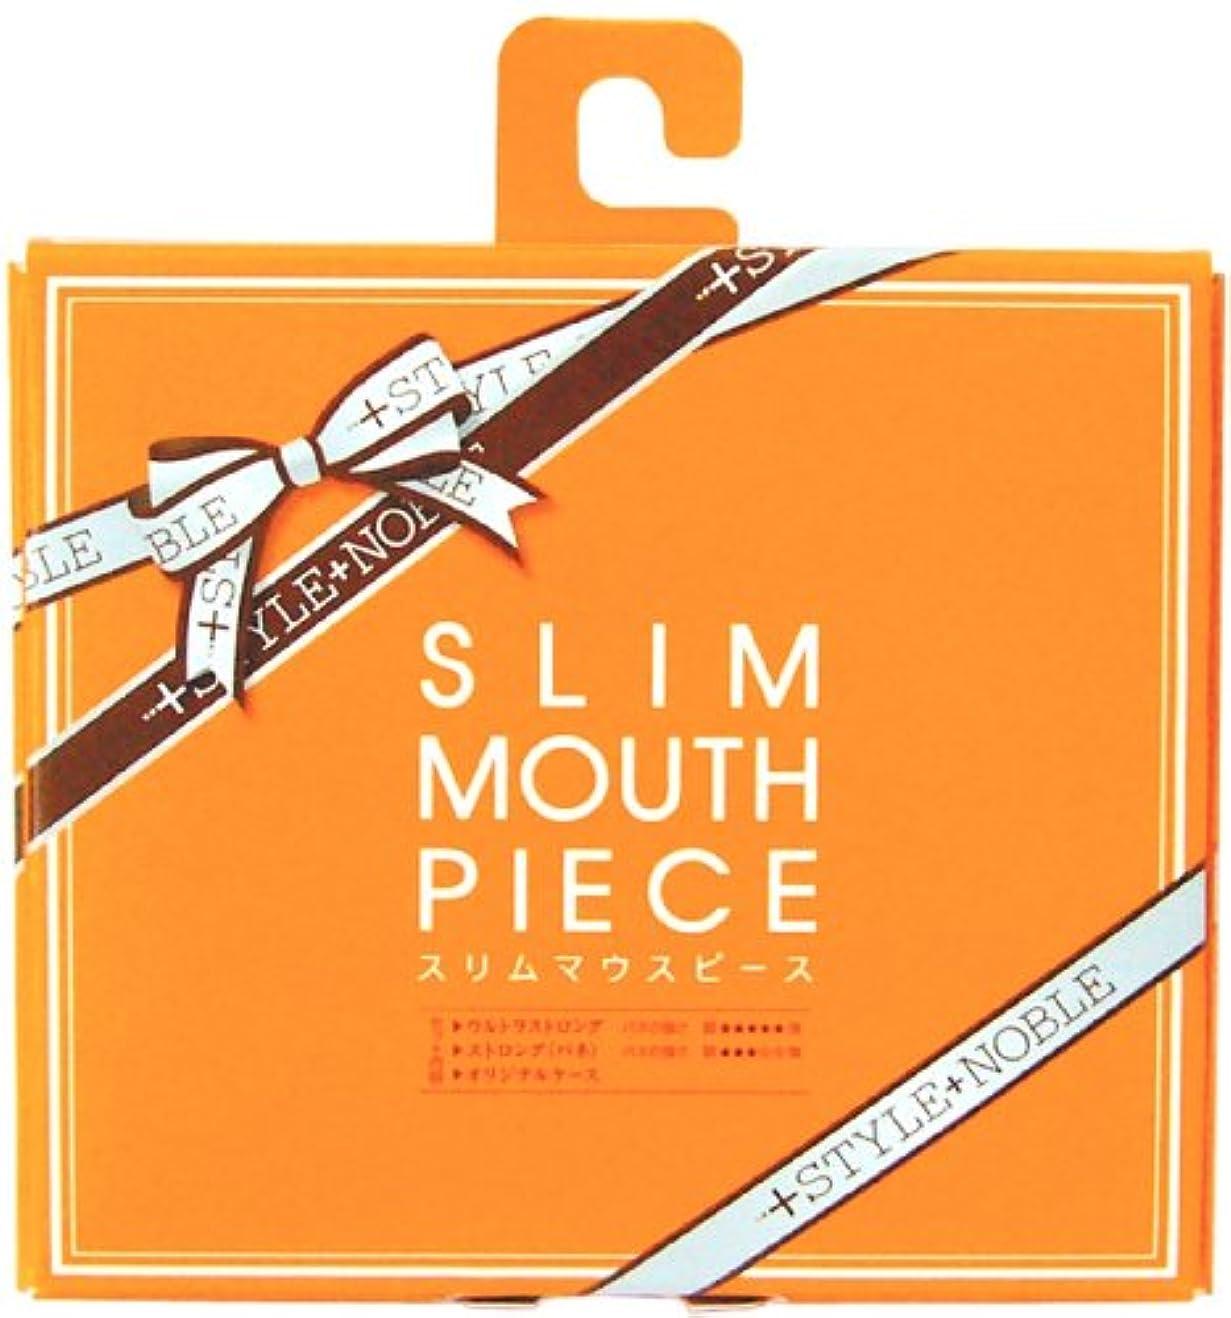 つぶやきピックアクセントノーブル スリウマウスピース 発売17周年セット